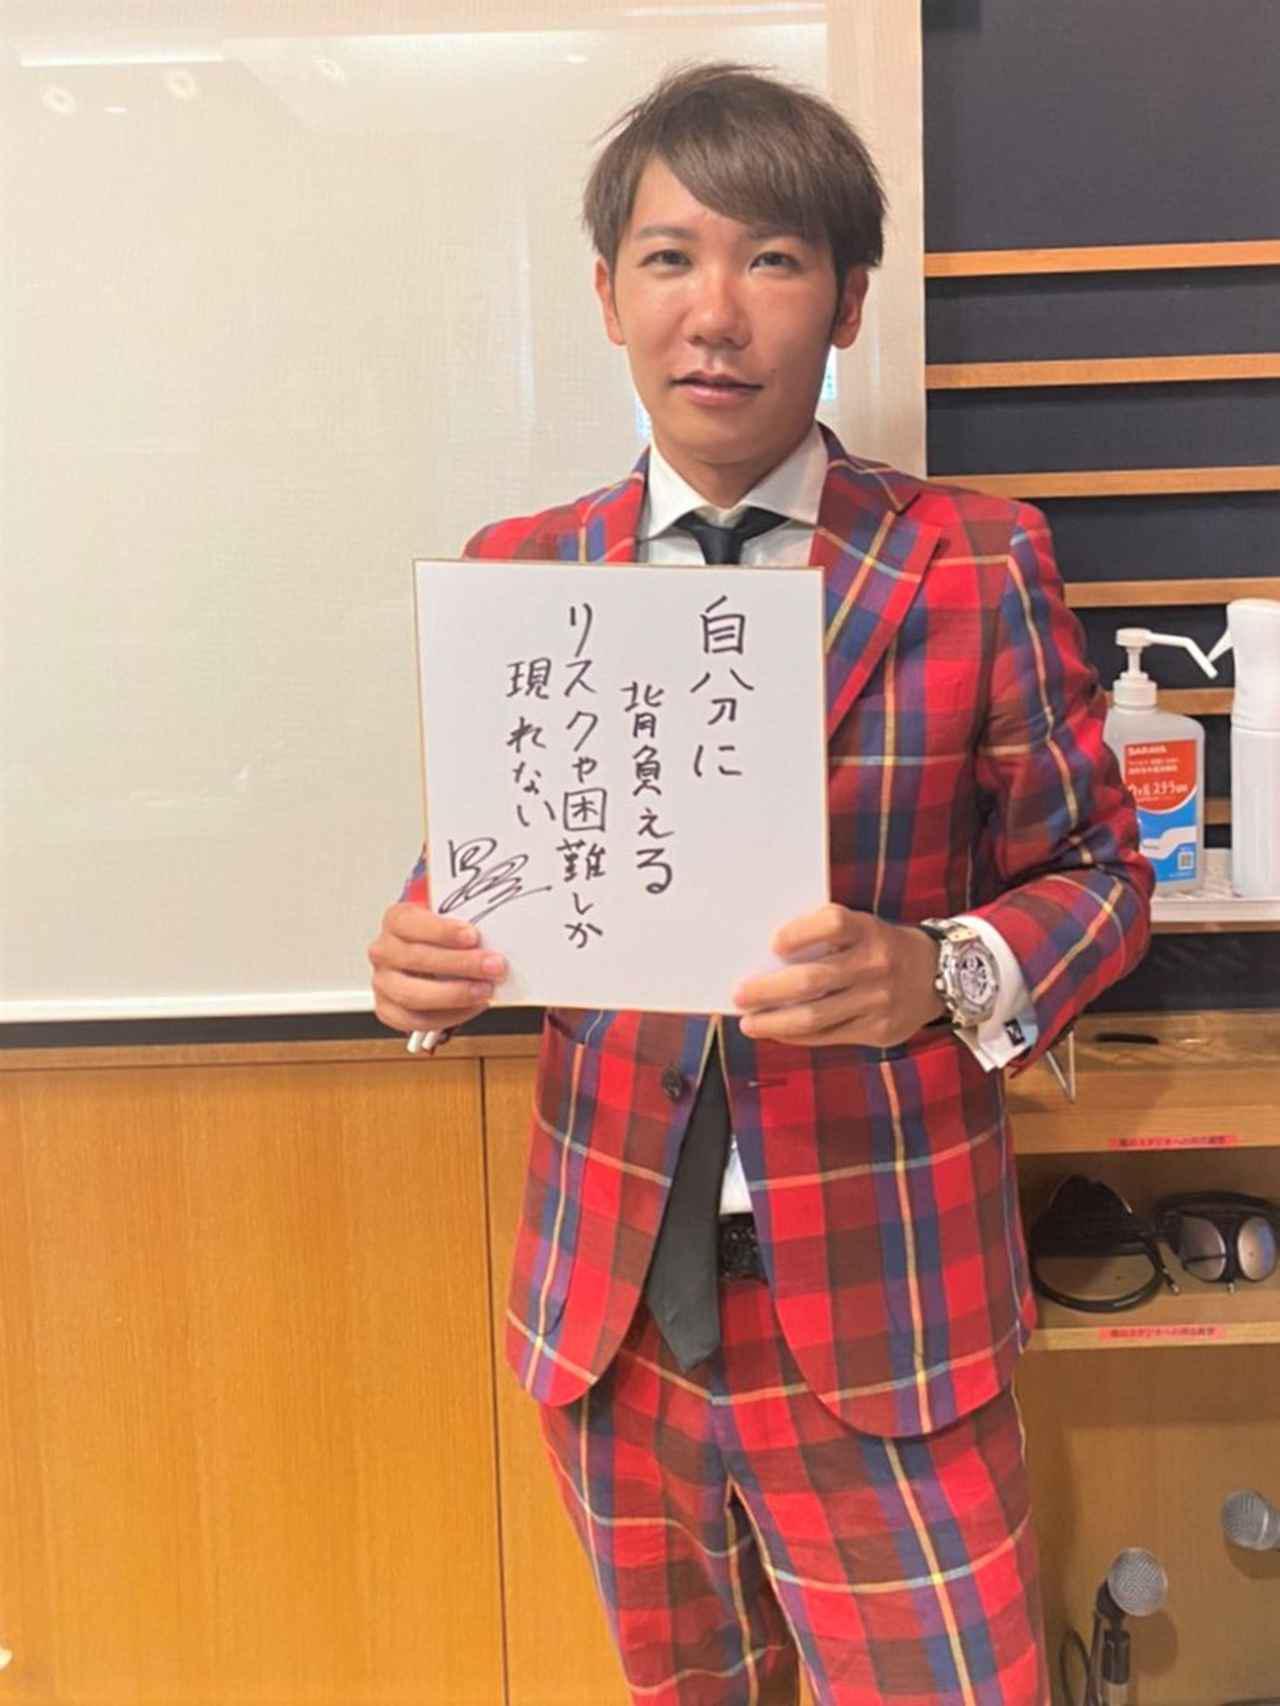 画像: 7/4(日) Game Changer #31 mahalo 白山社長の直筆色紙をプレゼント! - FM大阪 85.1